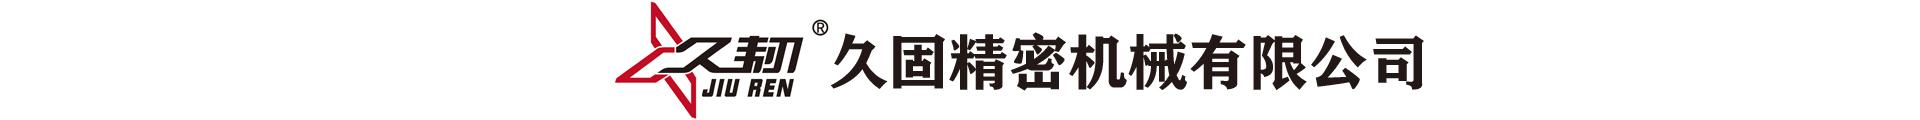 南京久固精密机械有限公司